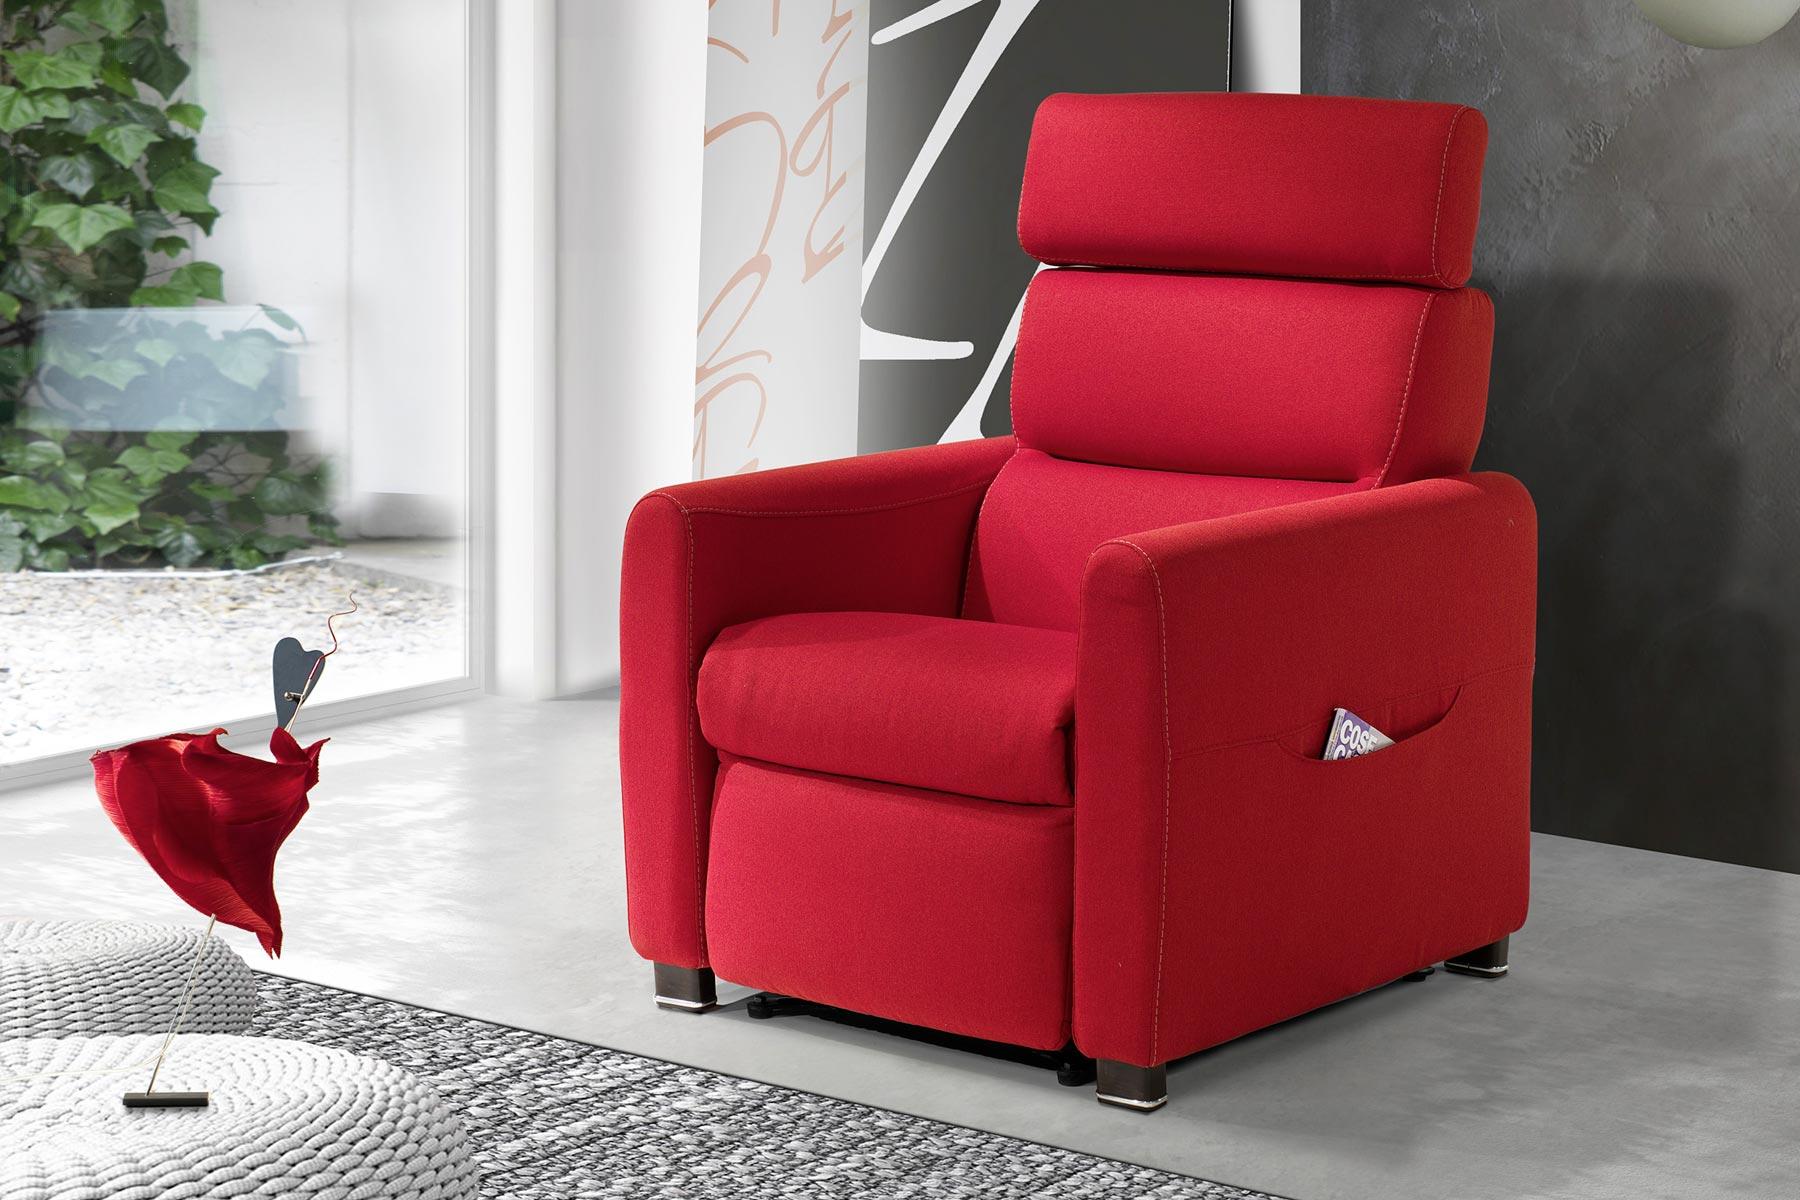 Poltrona Relax Modello Mia.Poltrone Relax Natural Home Interior Design